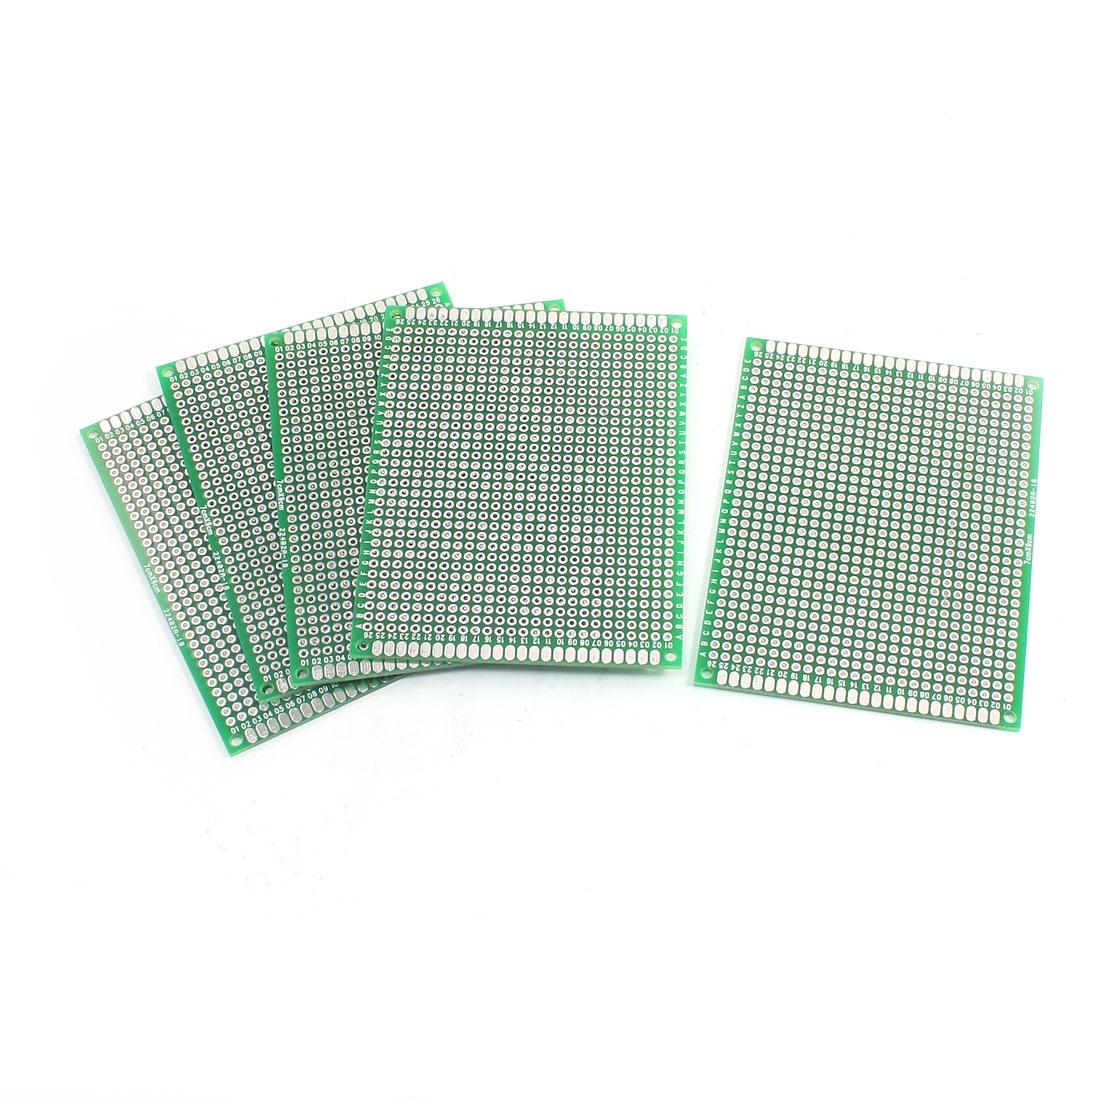 5Pcs DIY Universal Dual Sided PCB Printed Circuit Board 7cm x 9cm